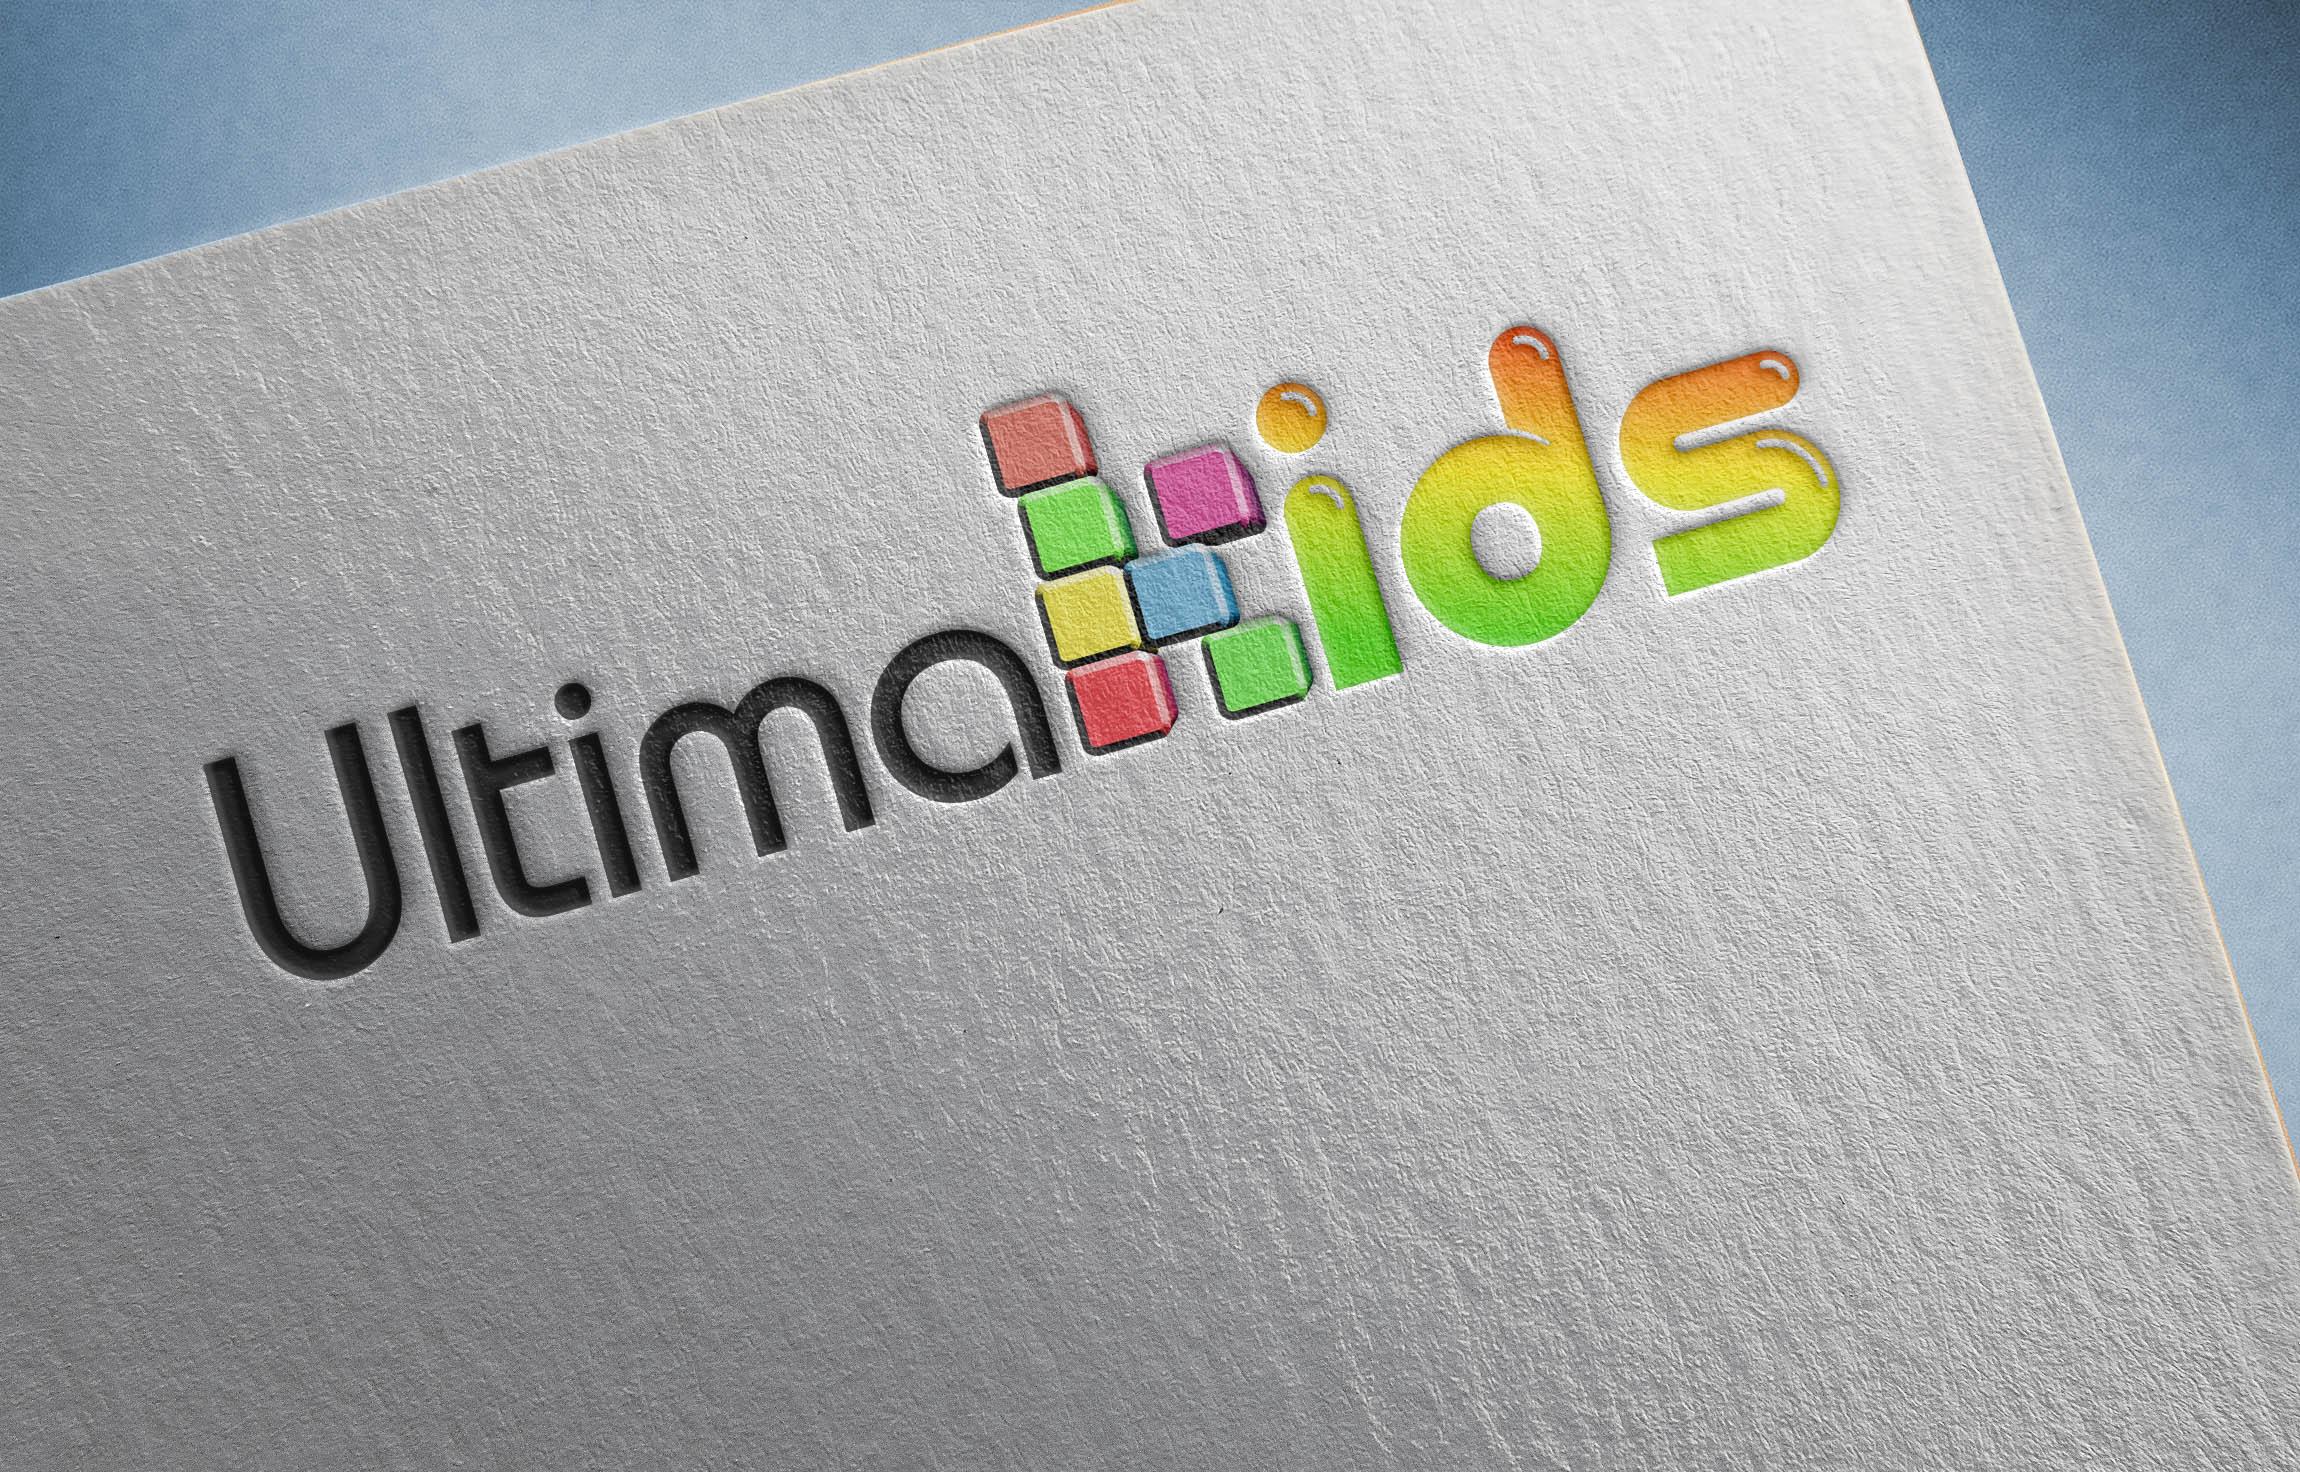 Дизайн логотипа для детского магазина фото f_0975bc4cdd5633b9.jpg